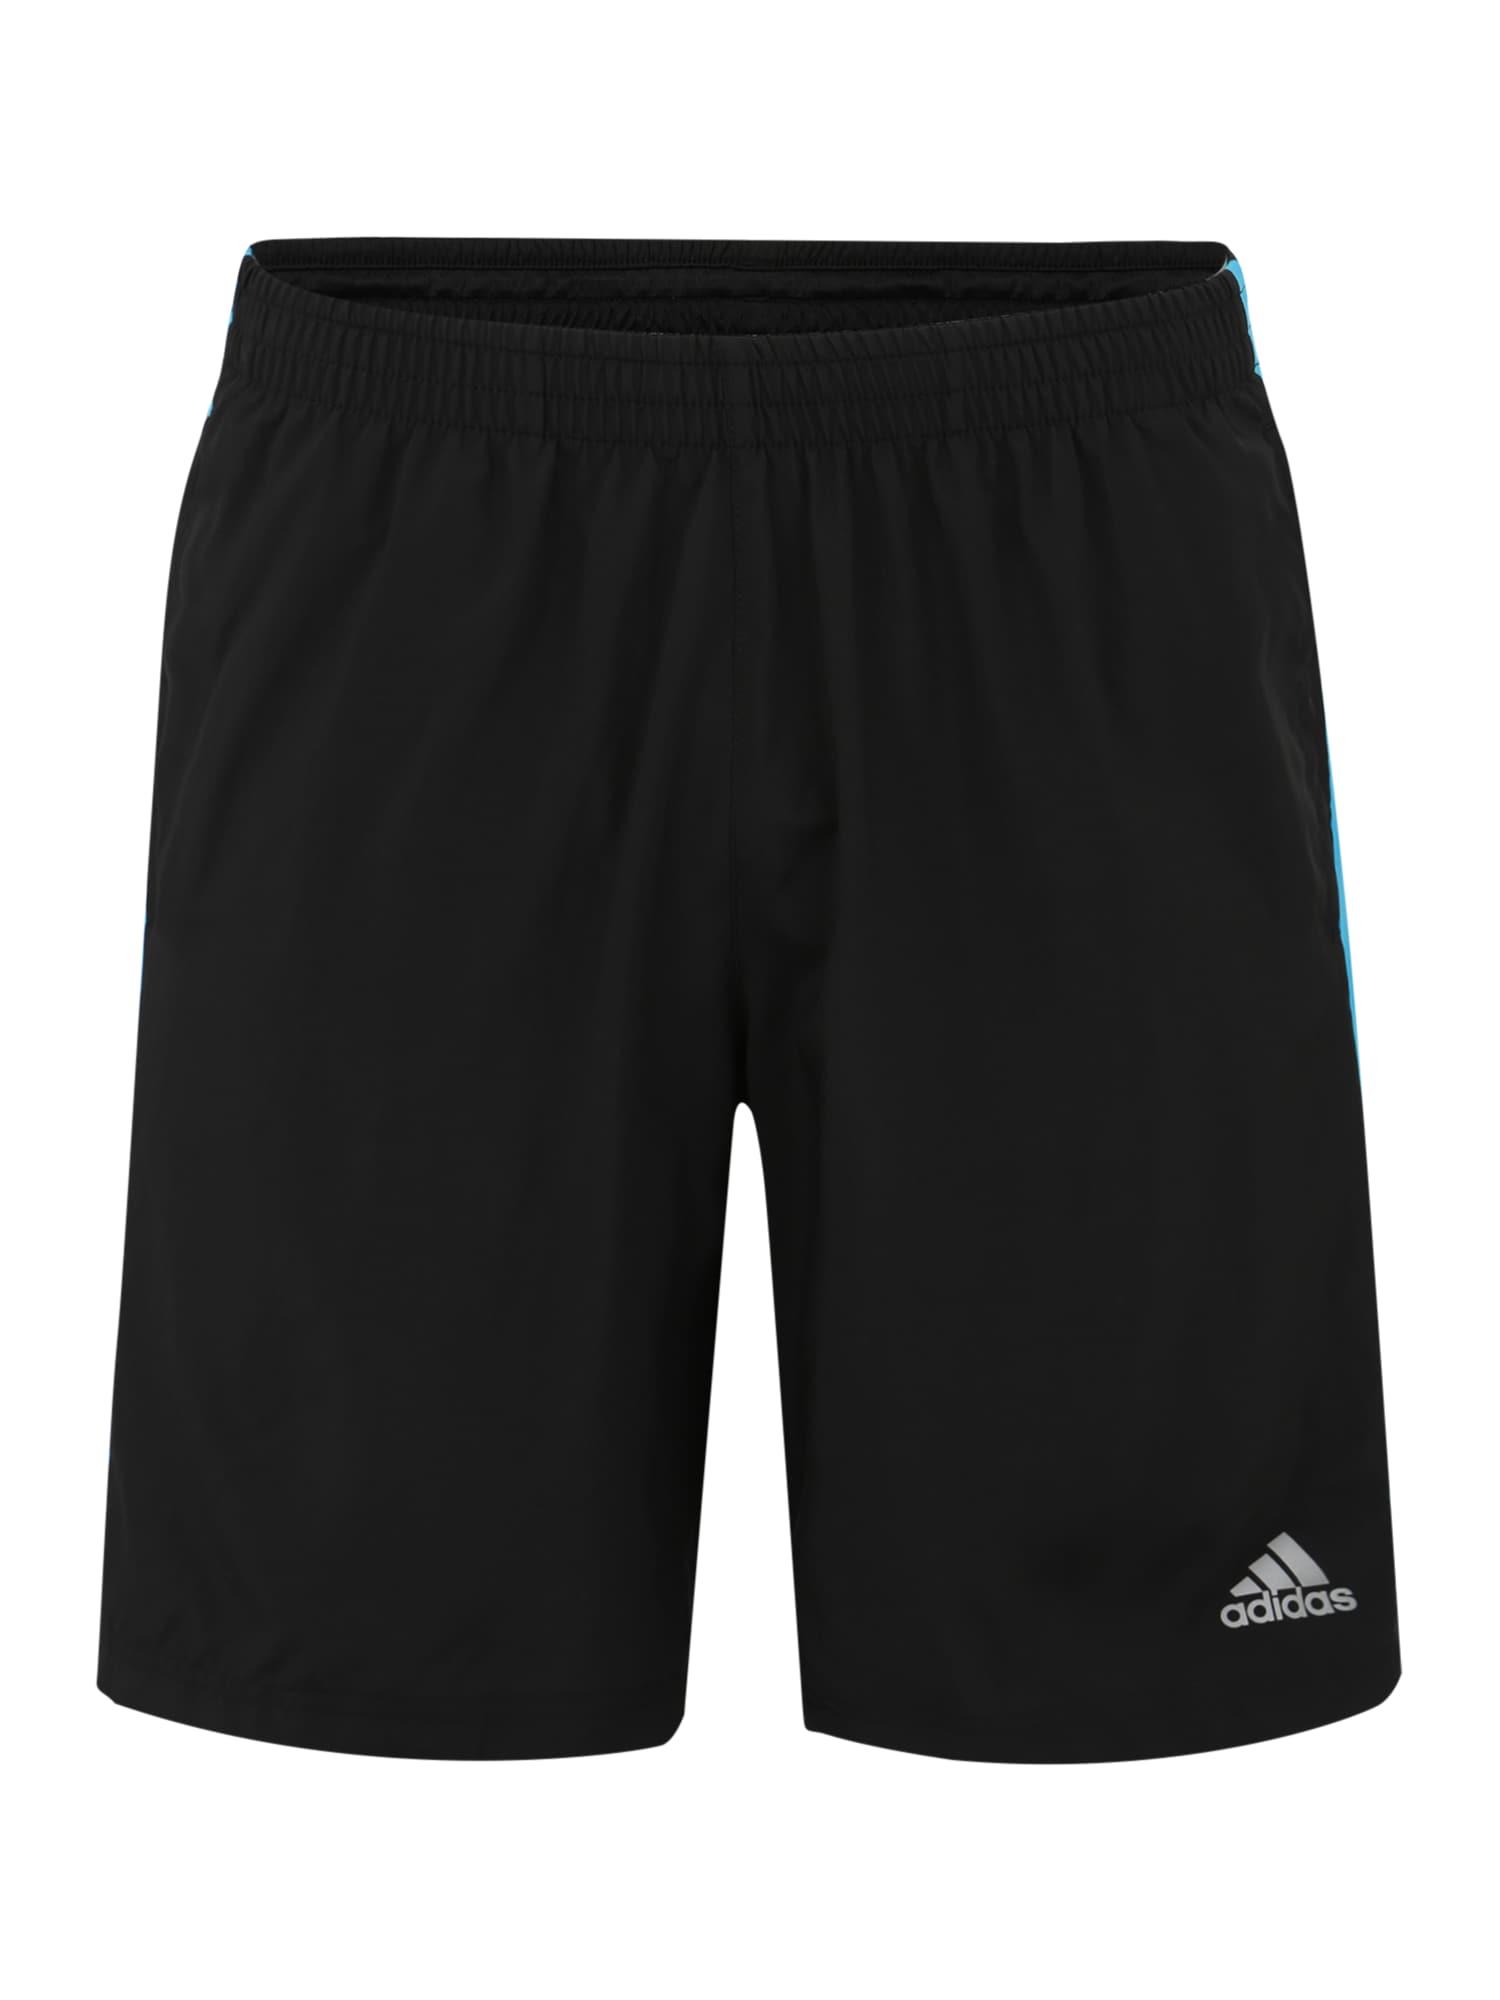 Sportovní kalhoty Response modrá černá ADIDAS PERFORMANCE